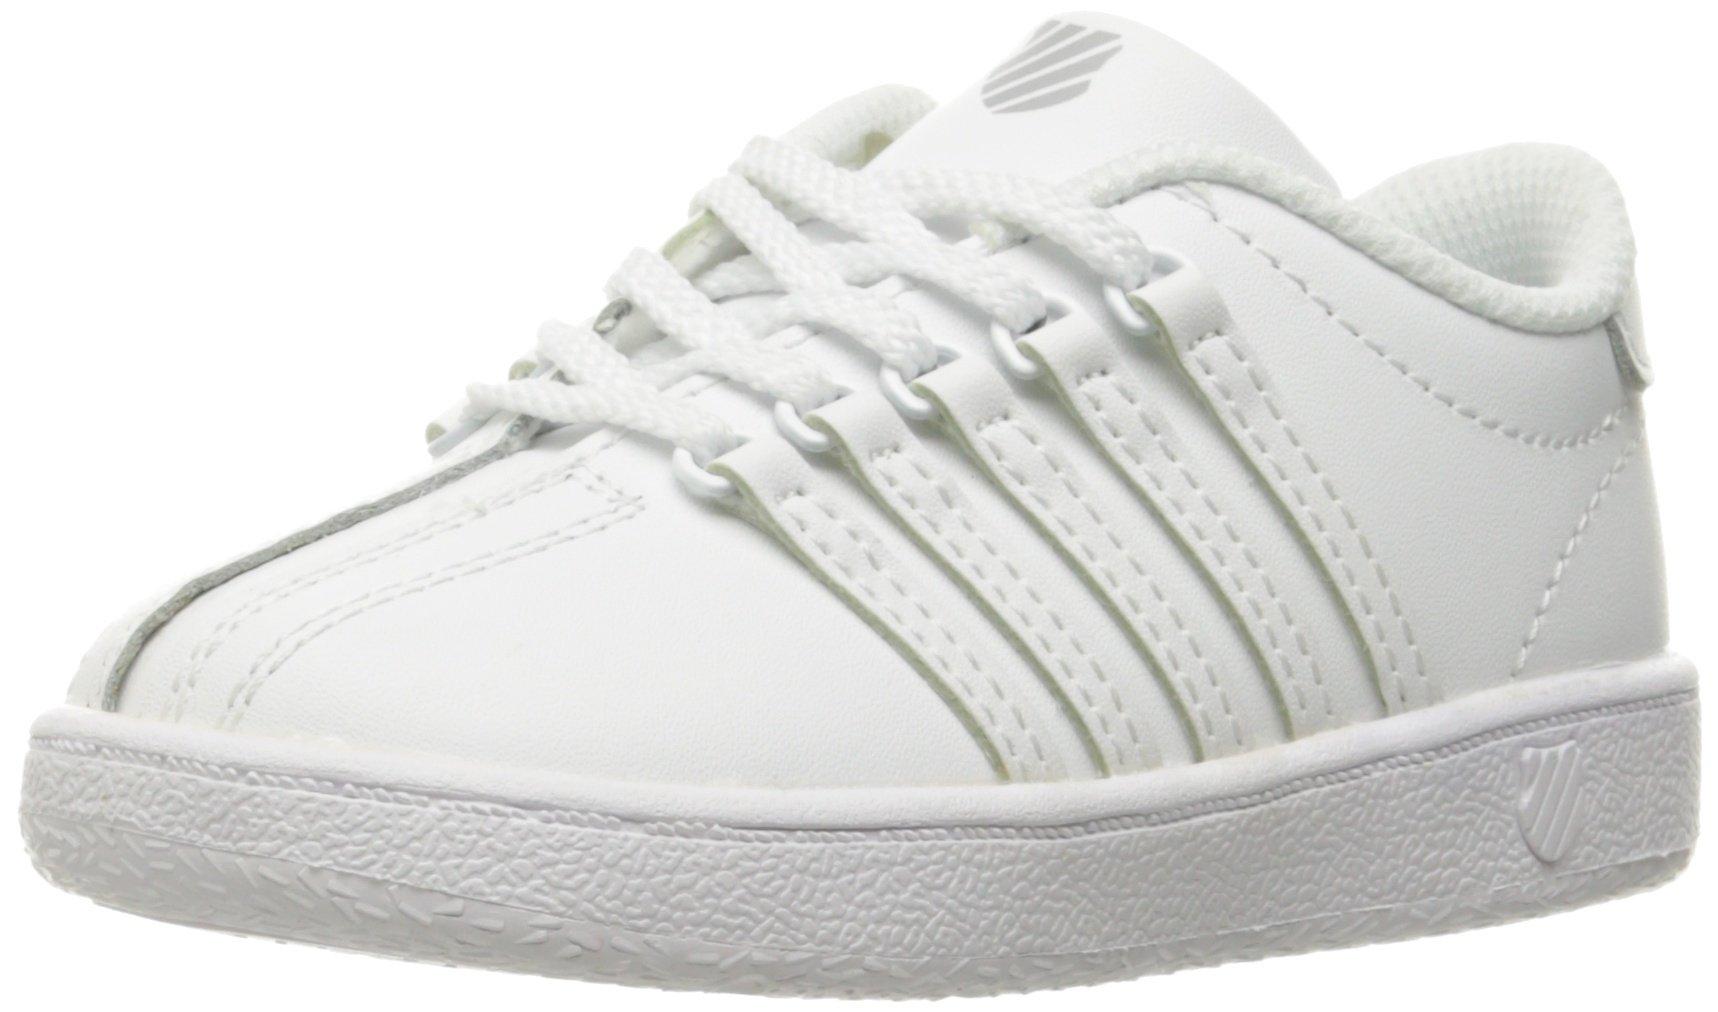 K-Swiss Classic VN Sneaker, White/White, 10 M US Toddler